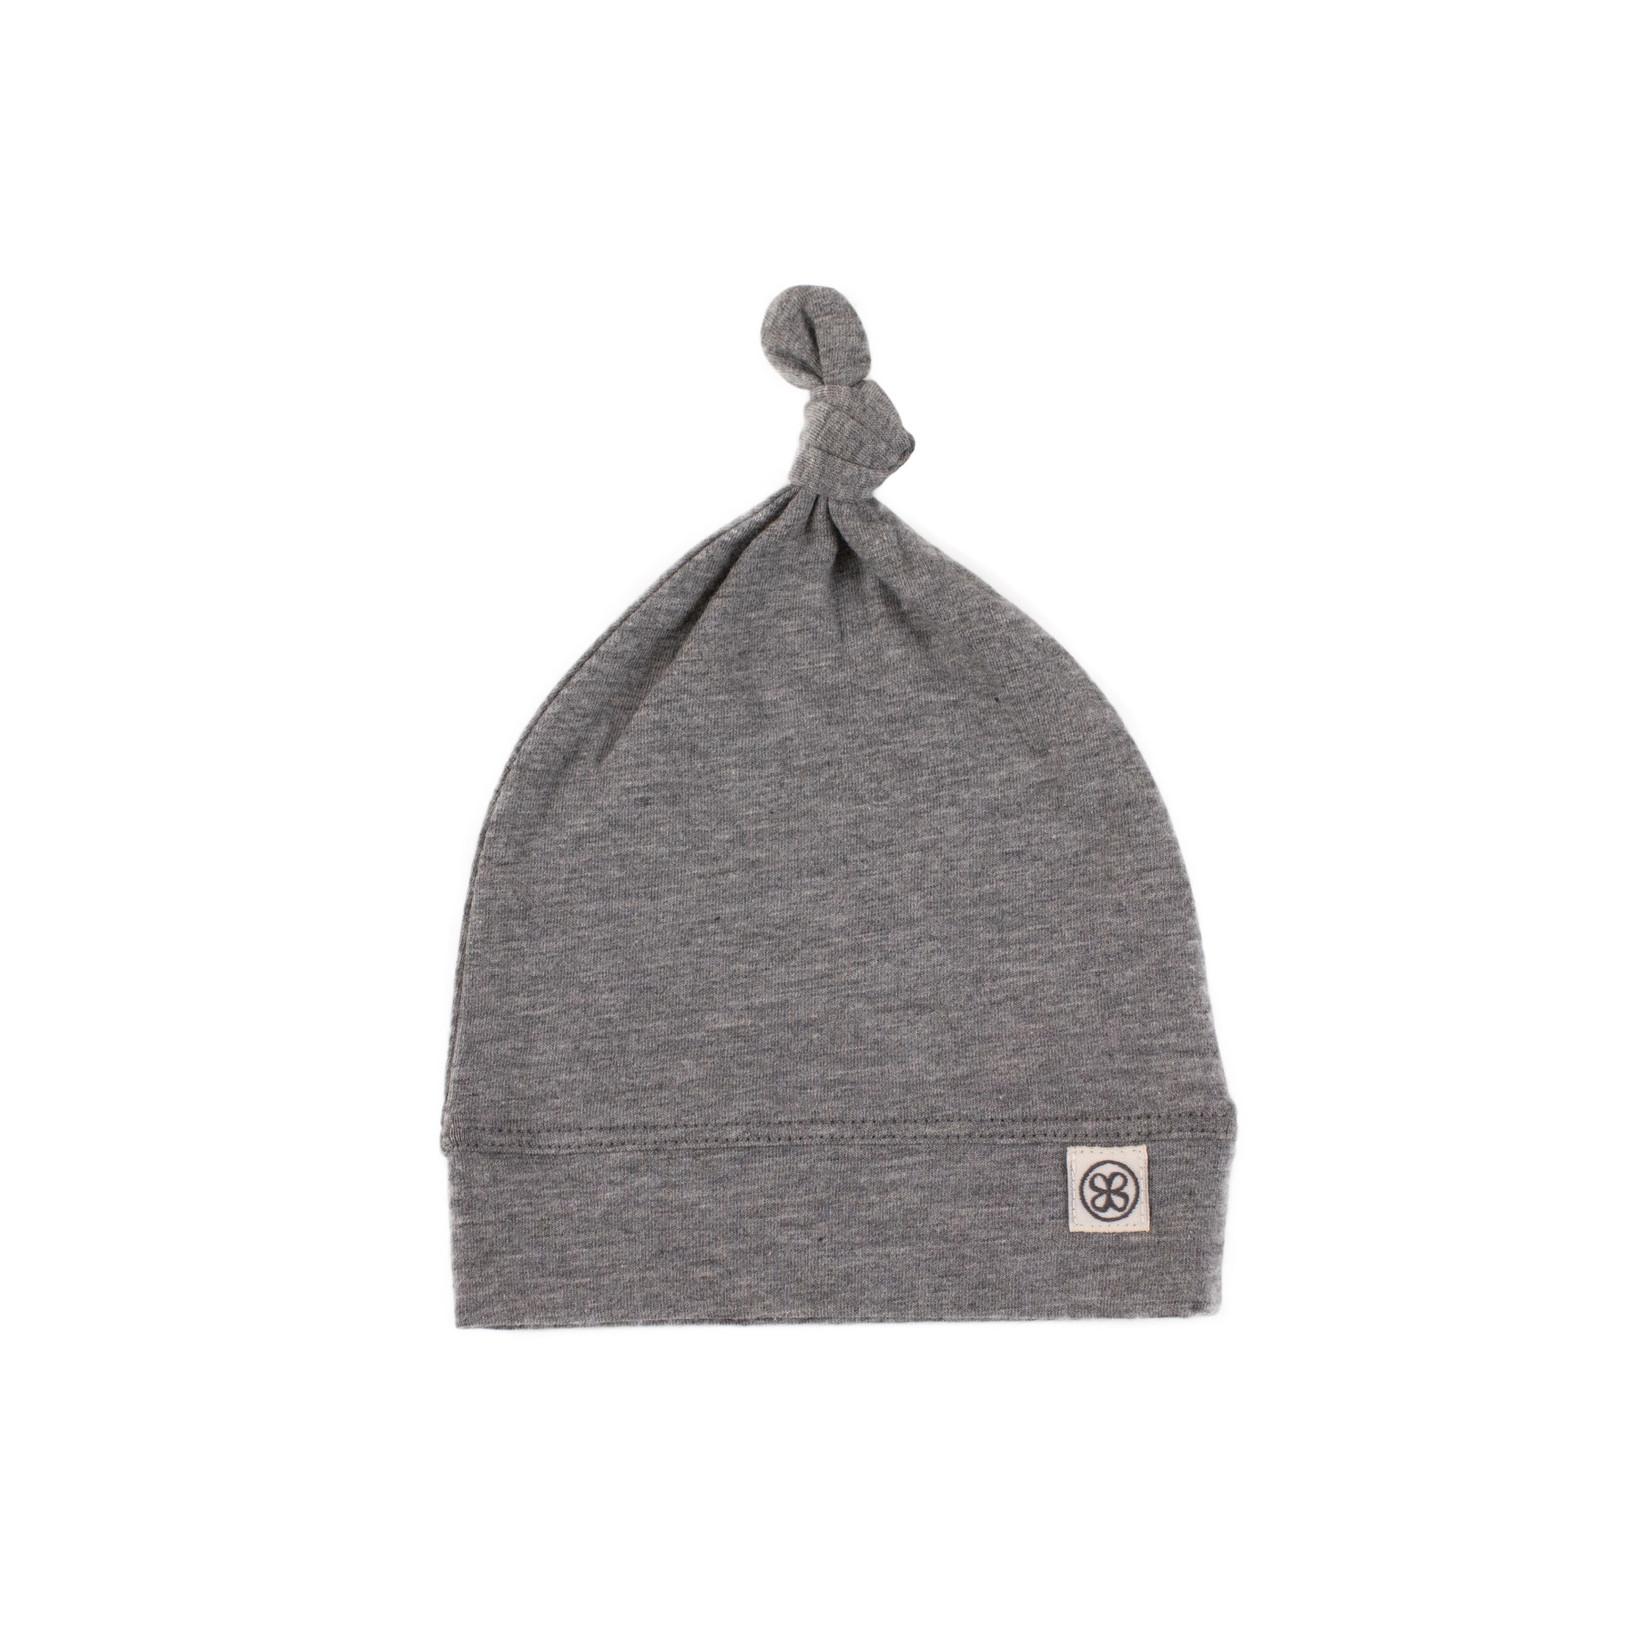 Cloby Beanie Hat  UPF 50+  Stone Grey